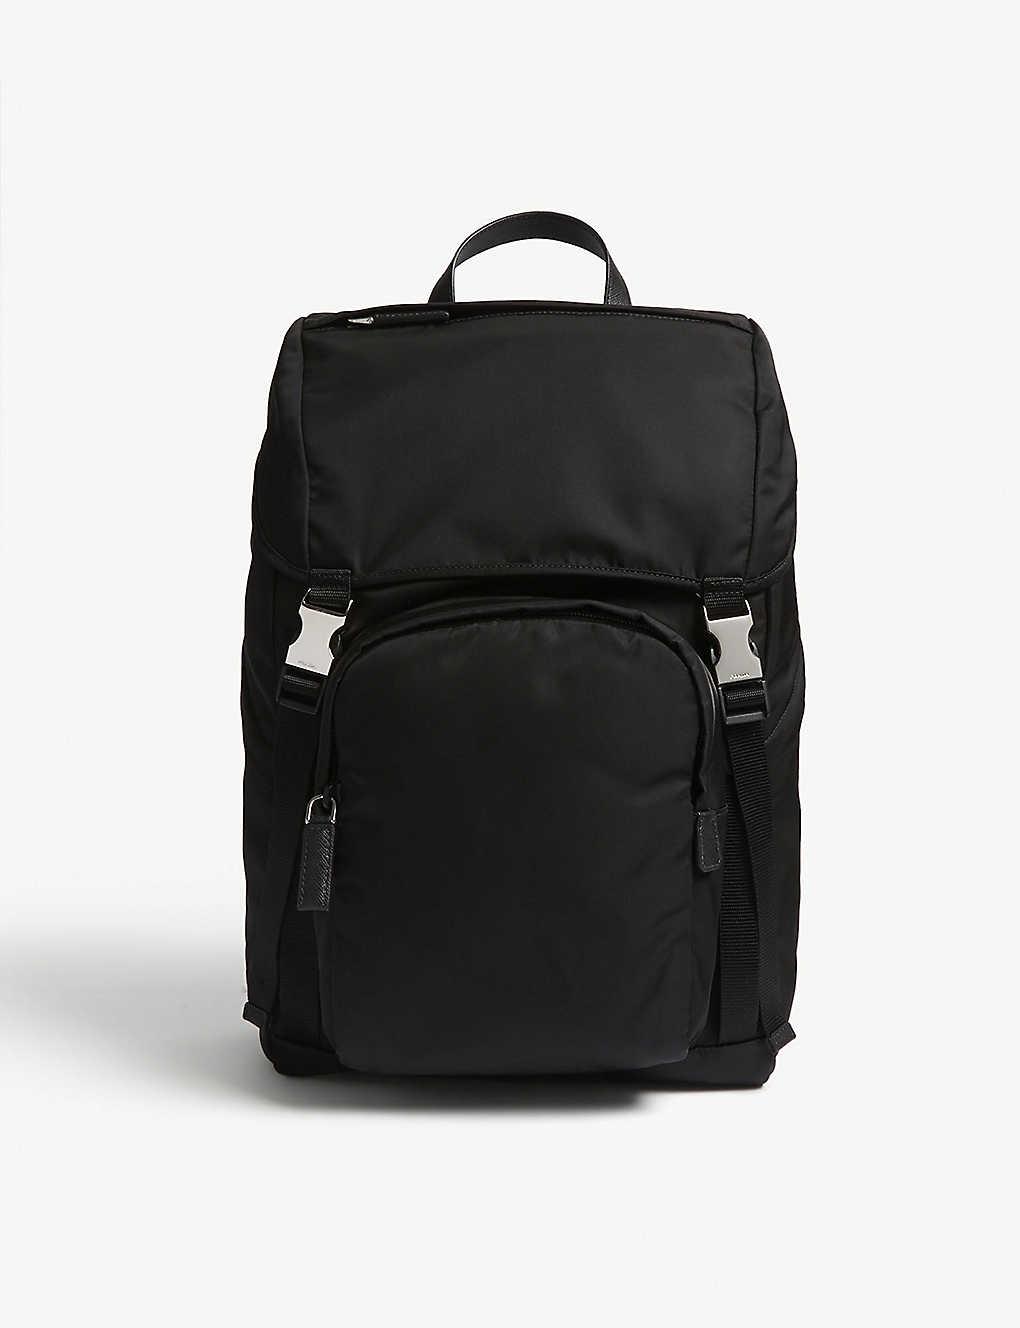 2365a879b788 PRADA - Nylon technical backpack